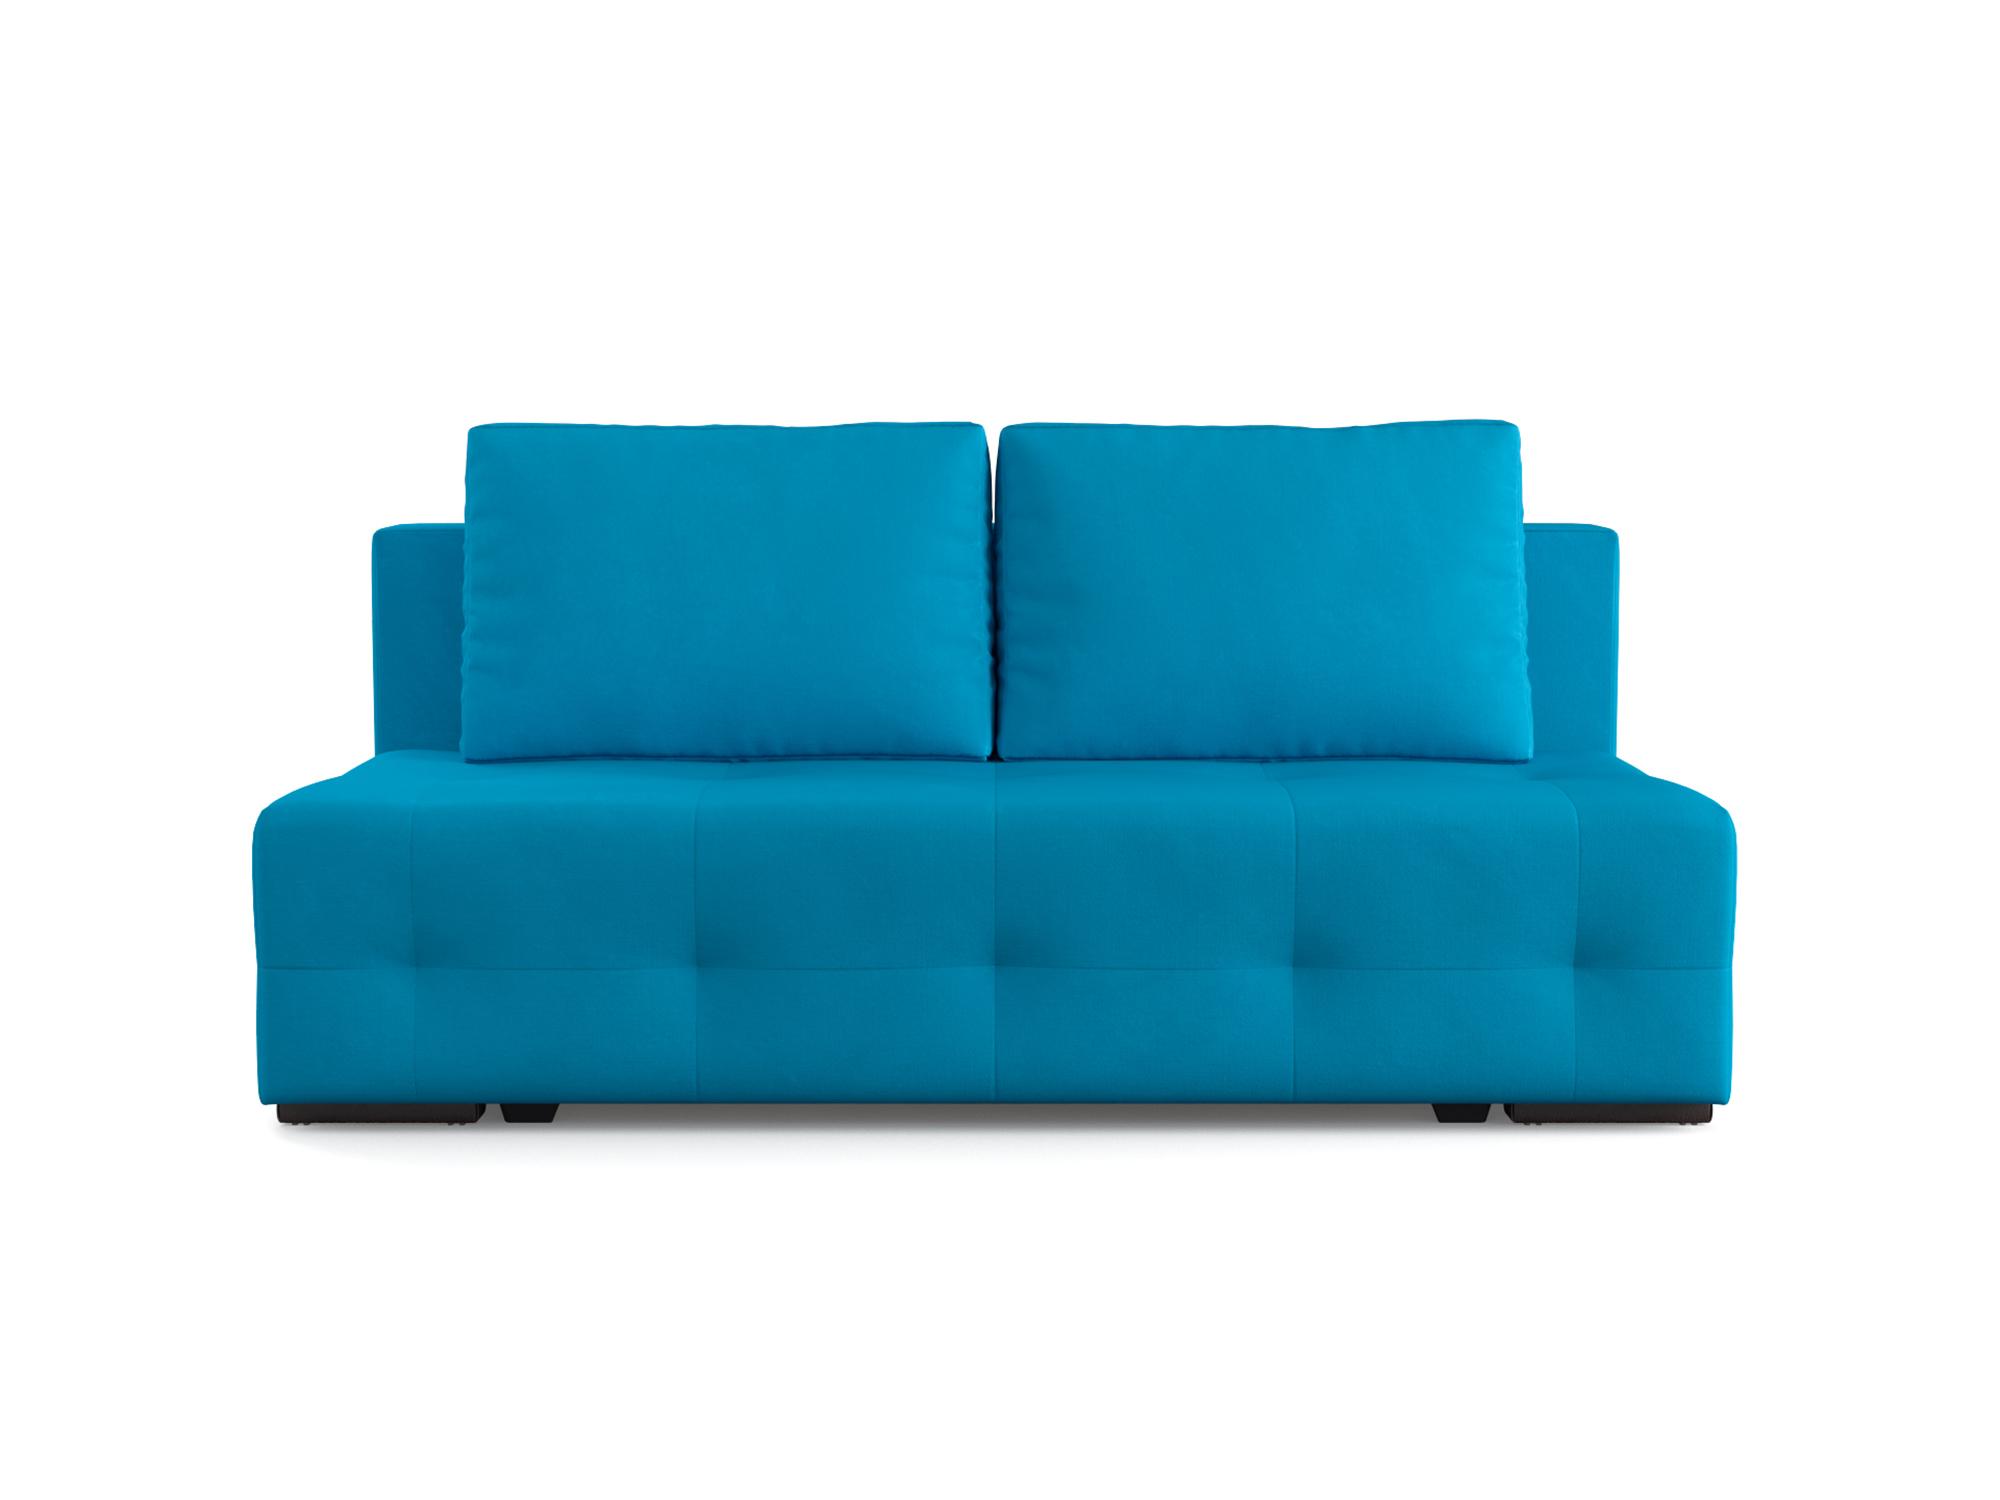 Фото - Диван Марсель 1 MebelVia Синий, Рогожка, Брус сосны диван шерлок ст евро mebelvia синий рогожка брус хвойных пород